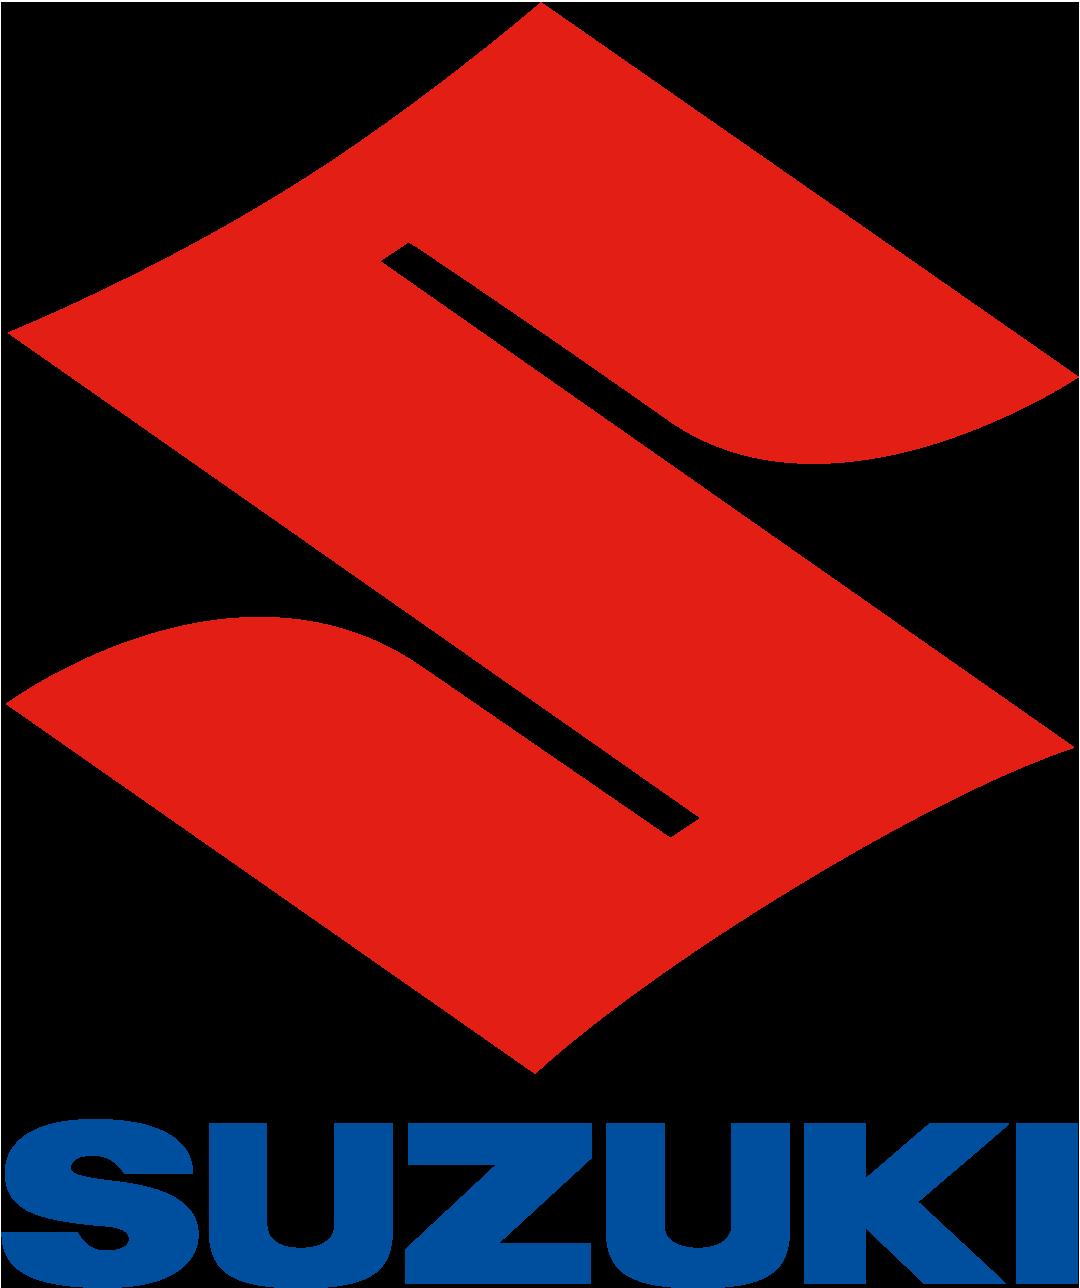 Suzuki tutti i modelli elettrici e ibridi